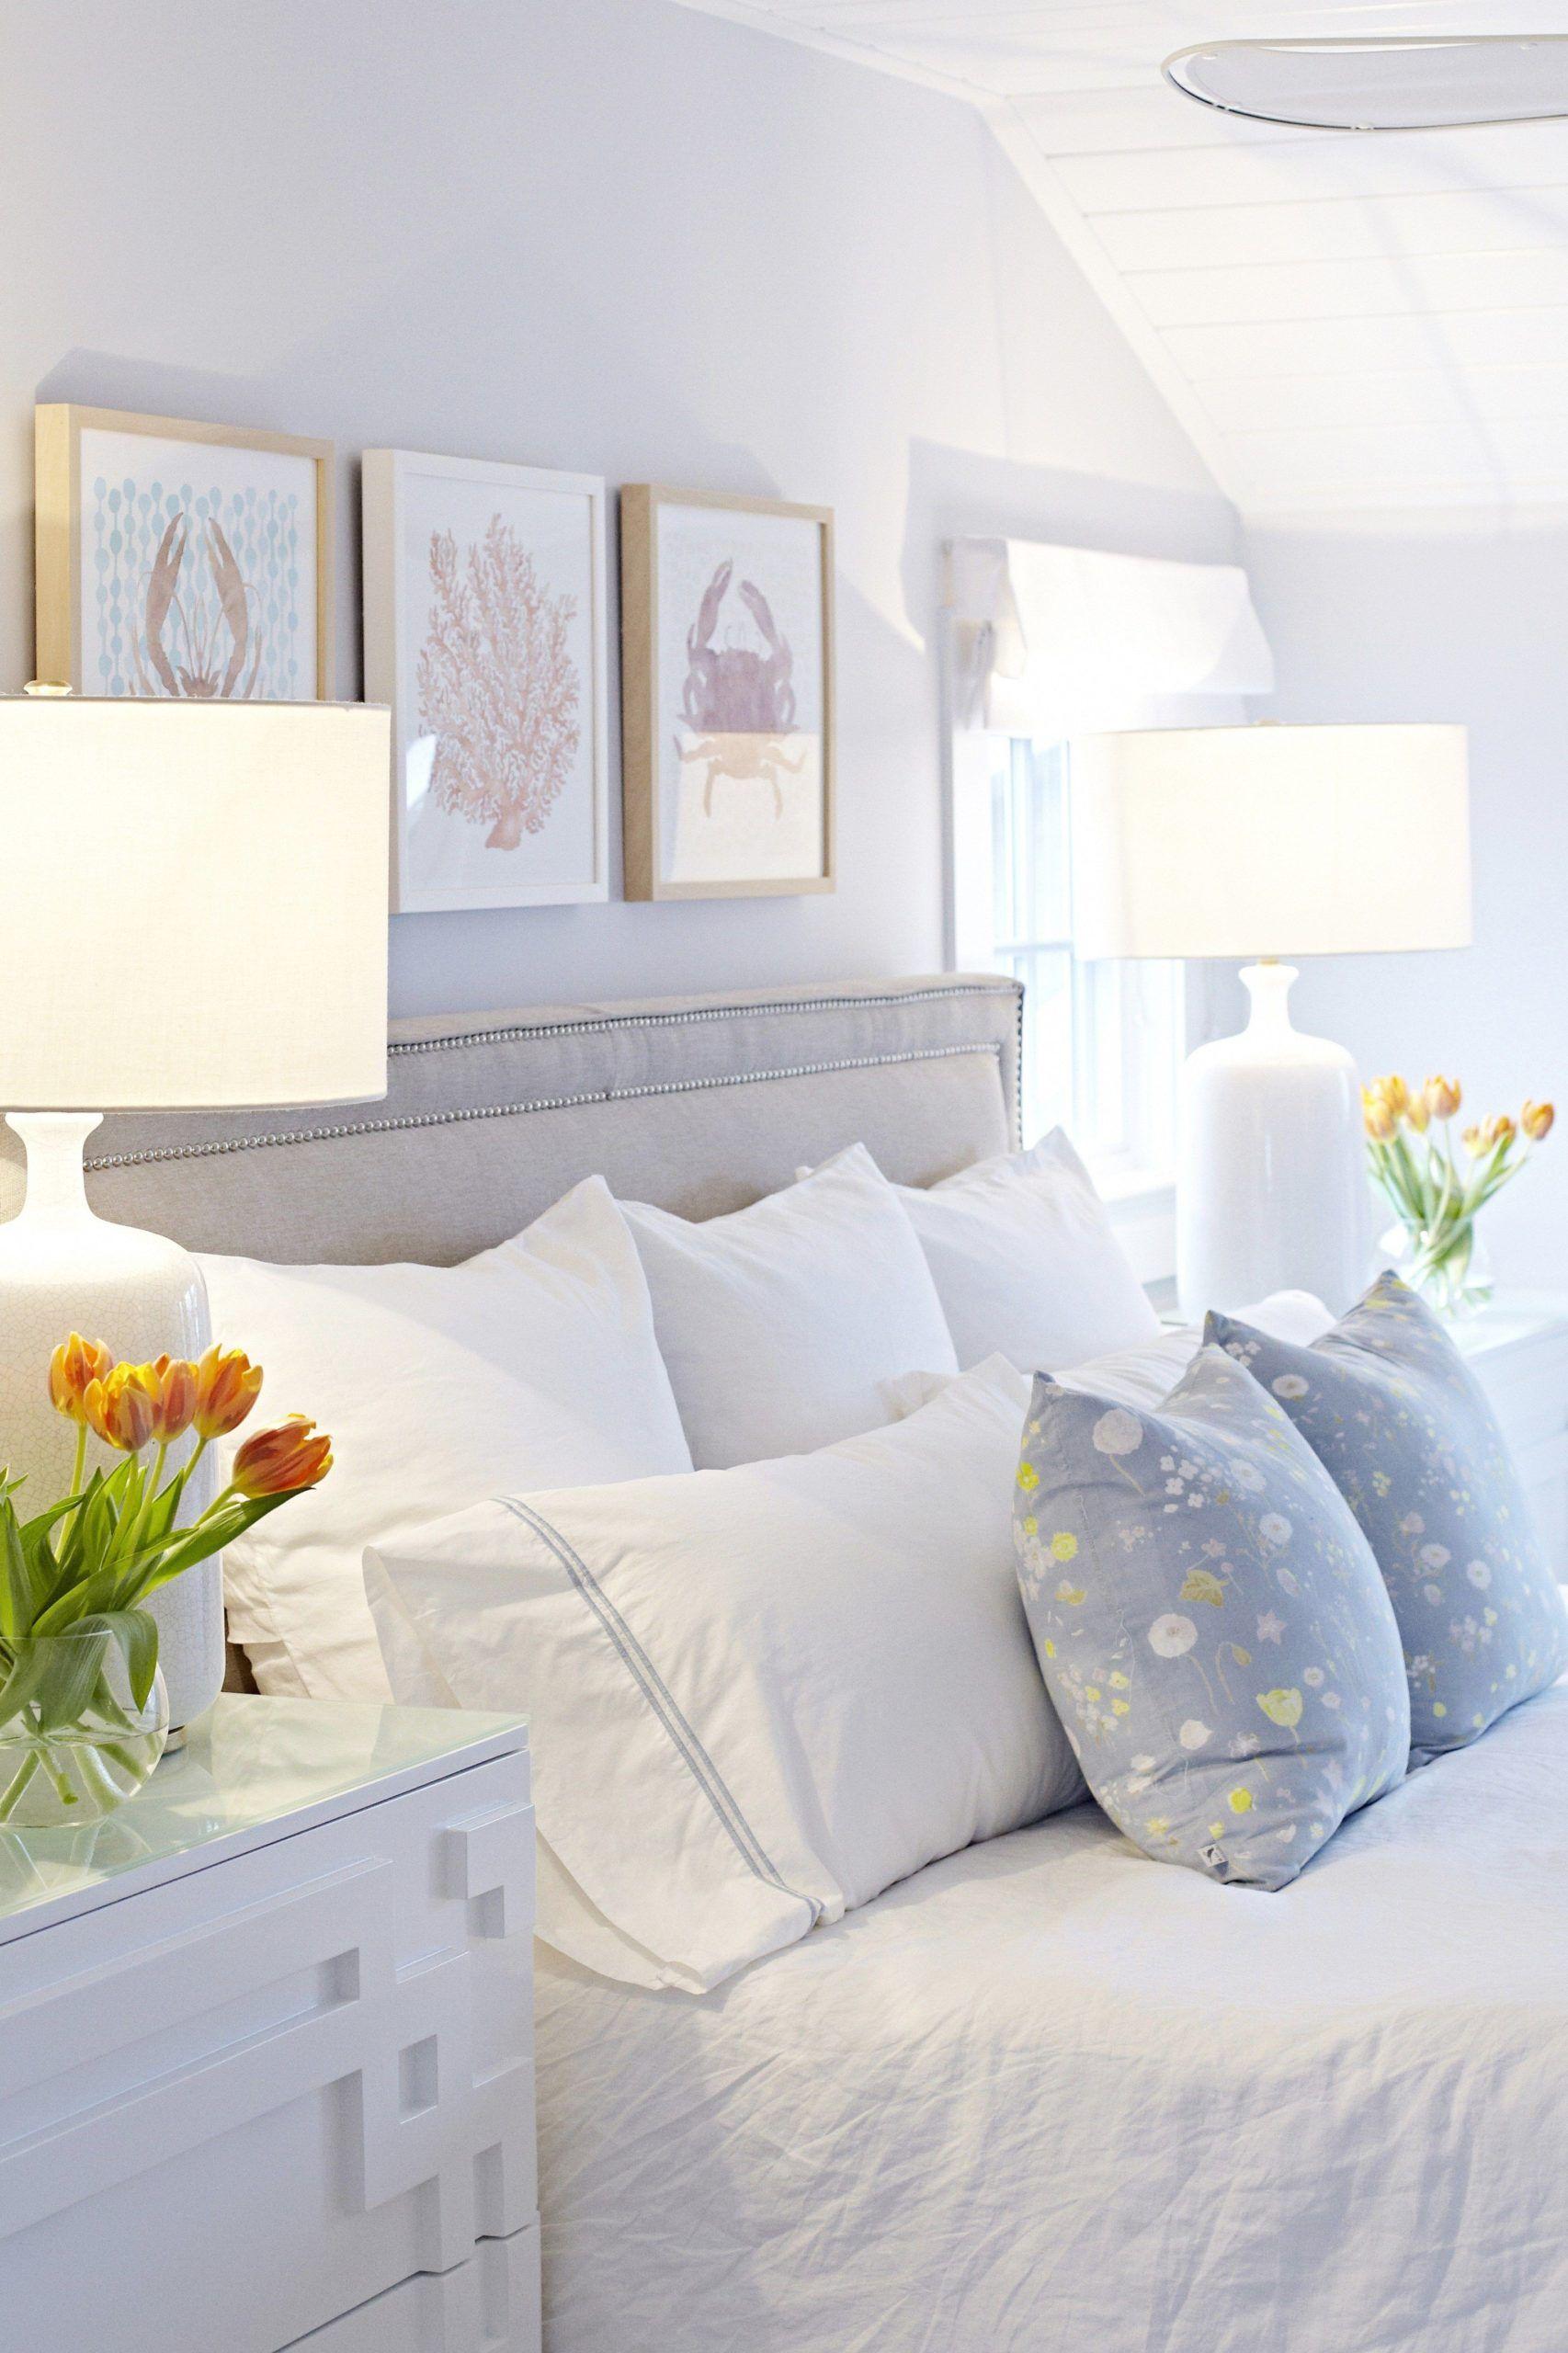 45 Modern Coastal Master Bedroom Decorating Ideas In 2020 Small Master Bedroom Coastal Master Bedroom Gray Master Bedroom